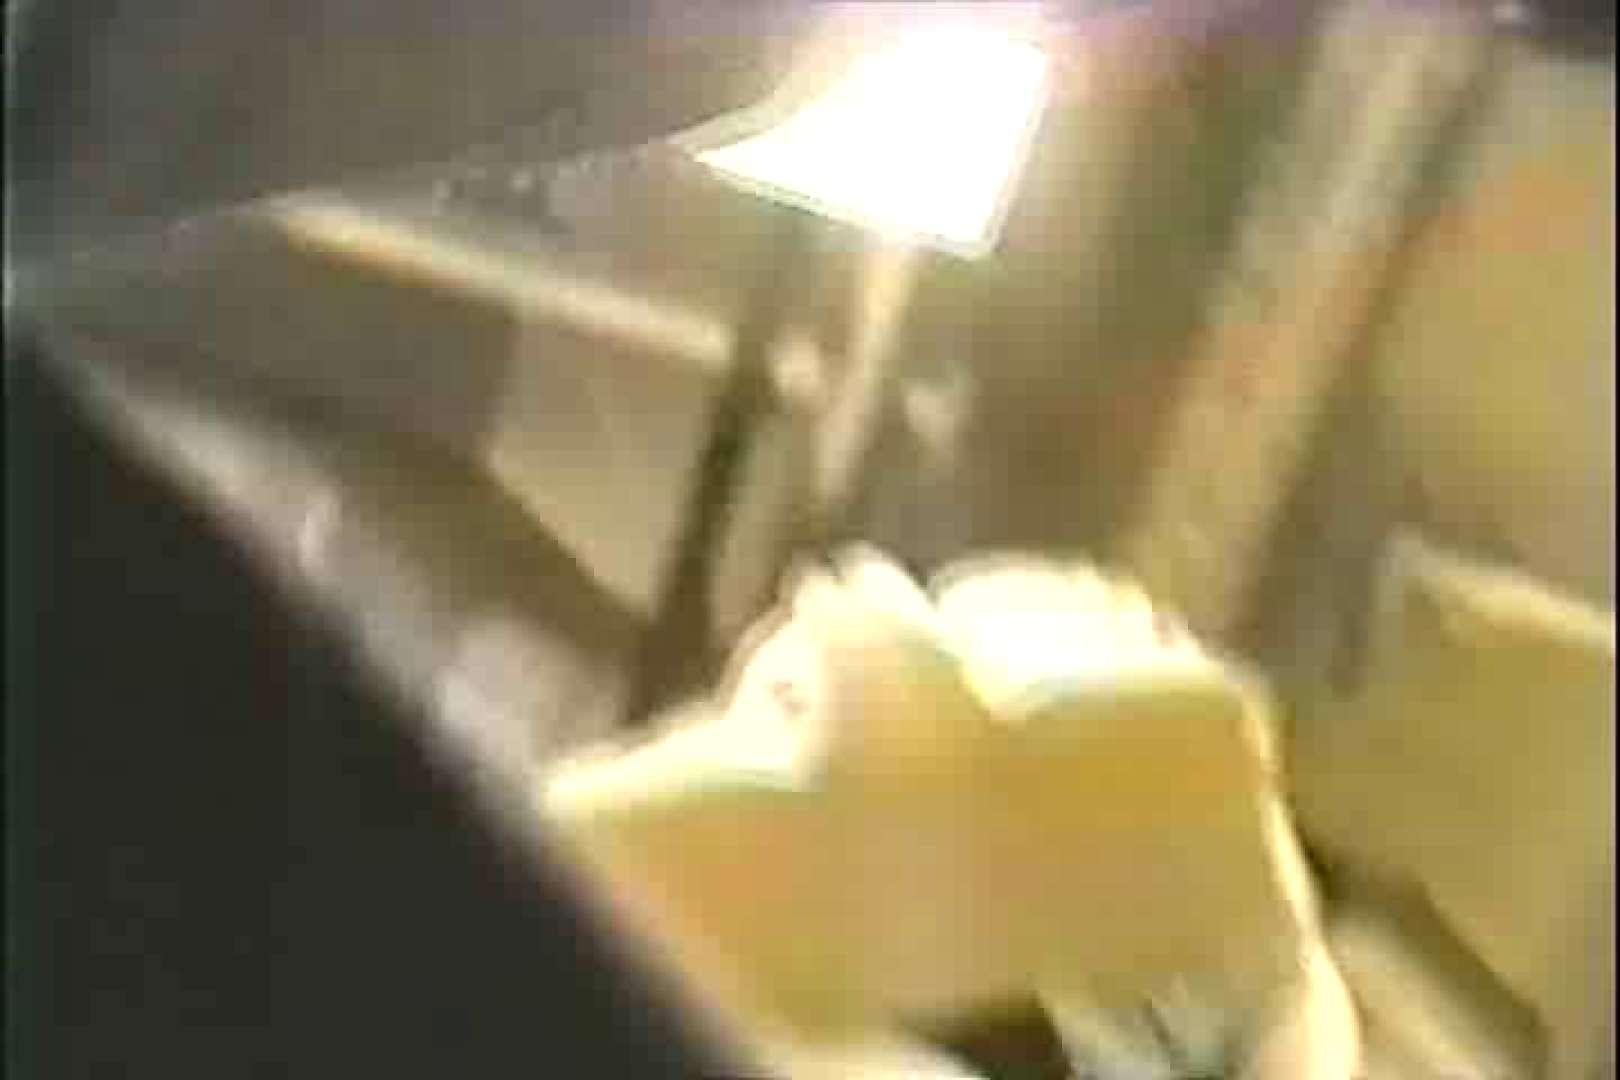 「ちくりん」さんのオリジナル未編集パンチラVol.3_01 レースクイーン 盗撮AV動画キャプチャ 100画像 41